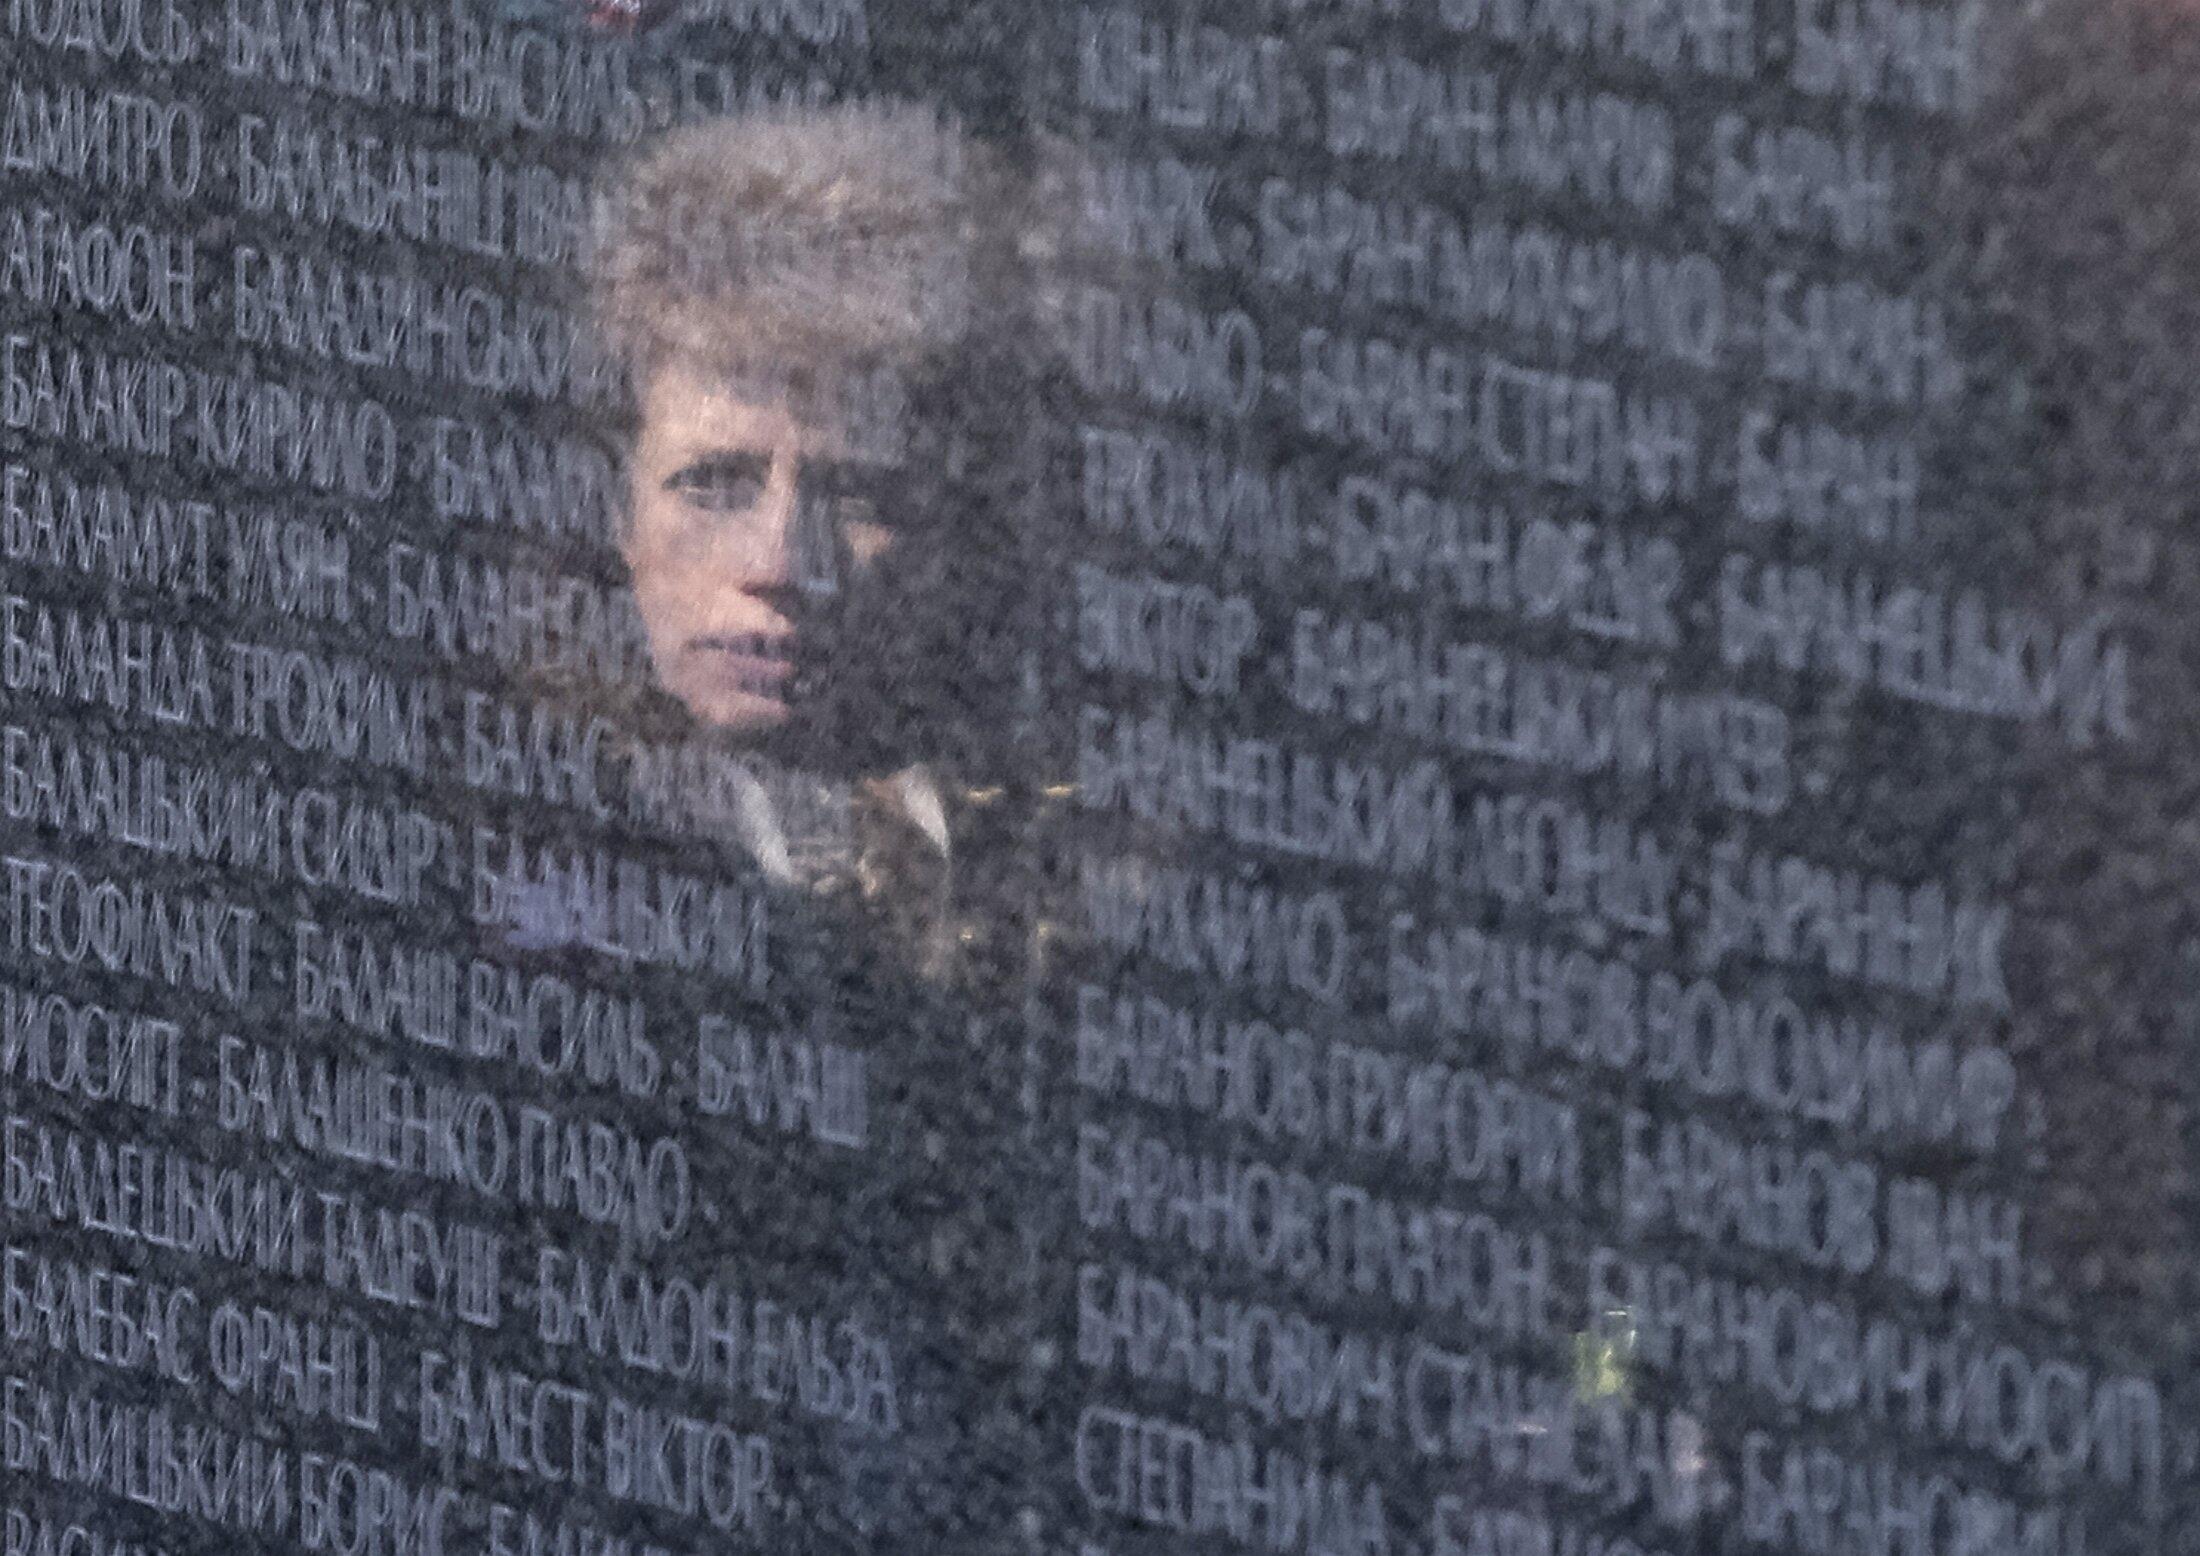 Đài tưởng niệm các nạn nhân gồm cả người Ba Lan bị tàn sát dưới chế độ Stalin (1937-1941).